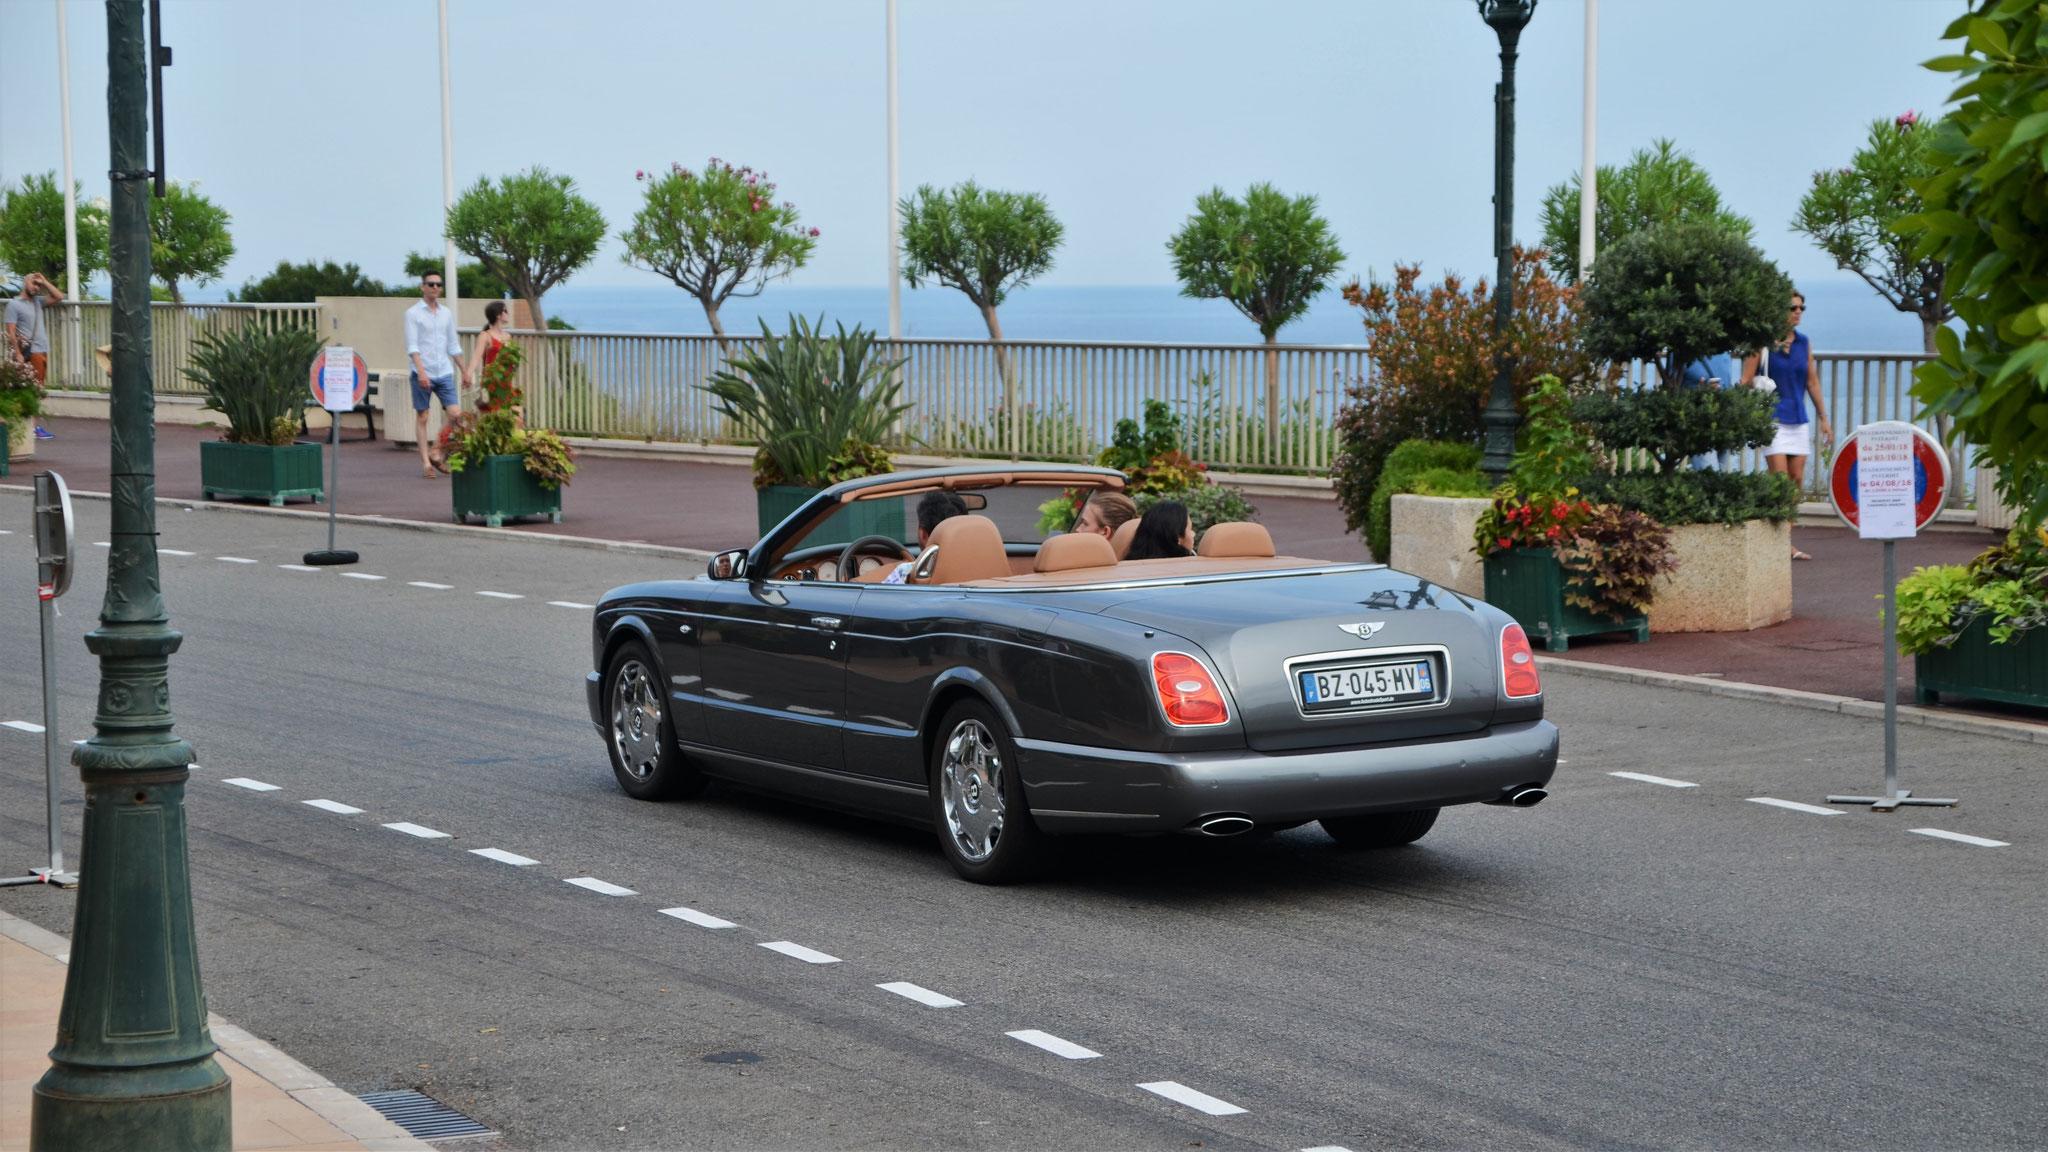 Bentley Azure - BZ-045-MV-06 (FRA)